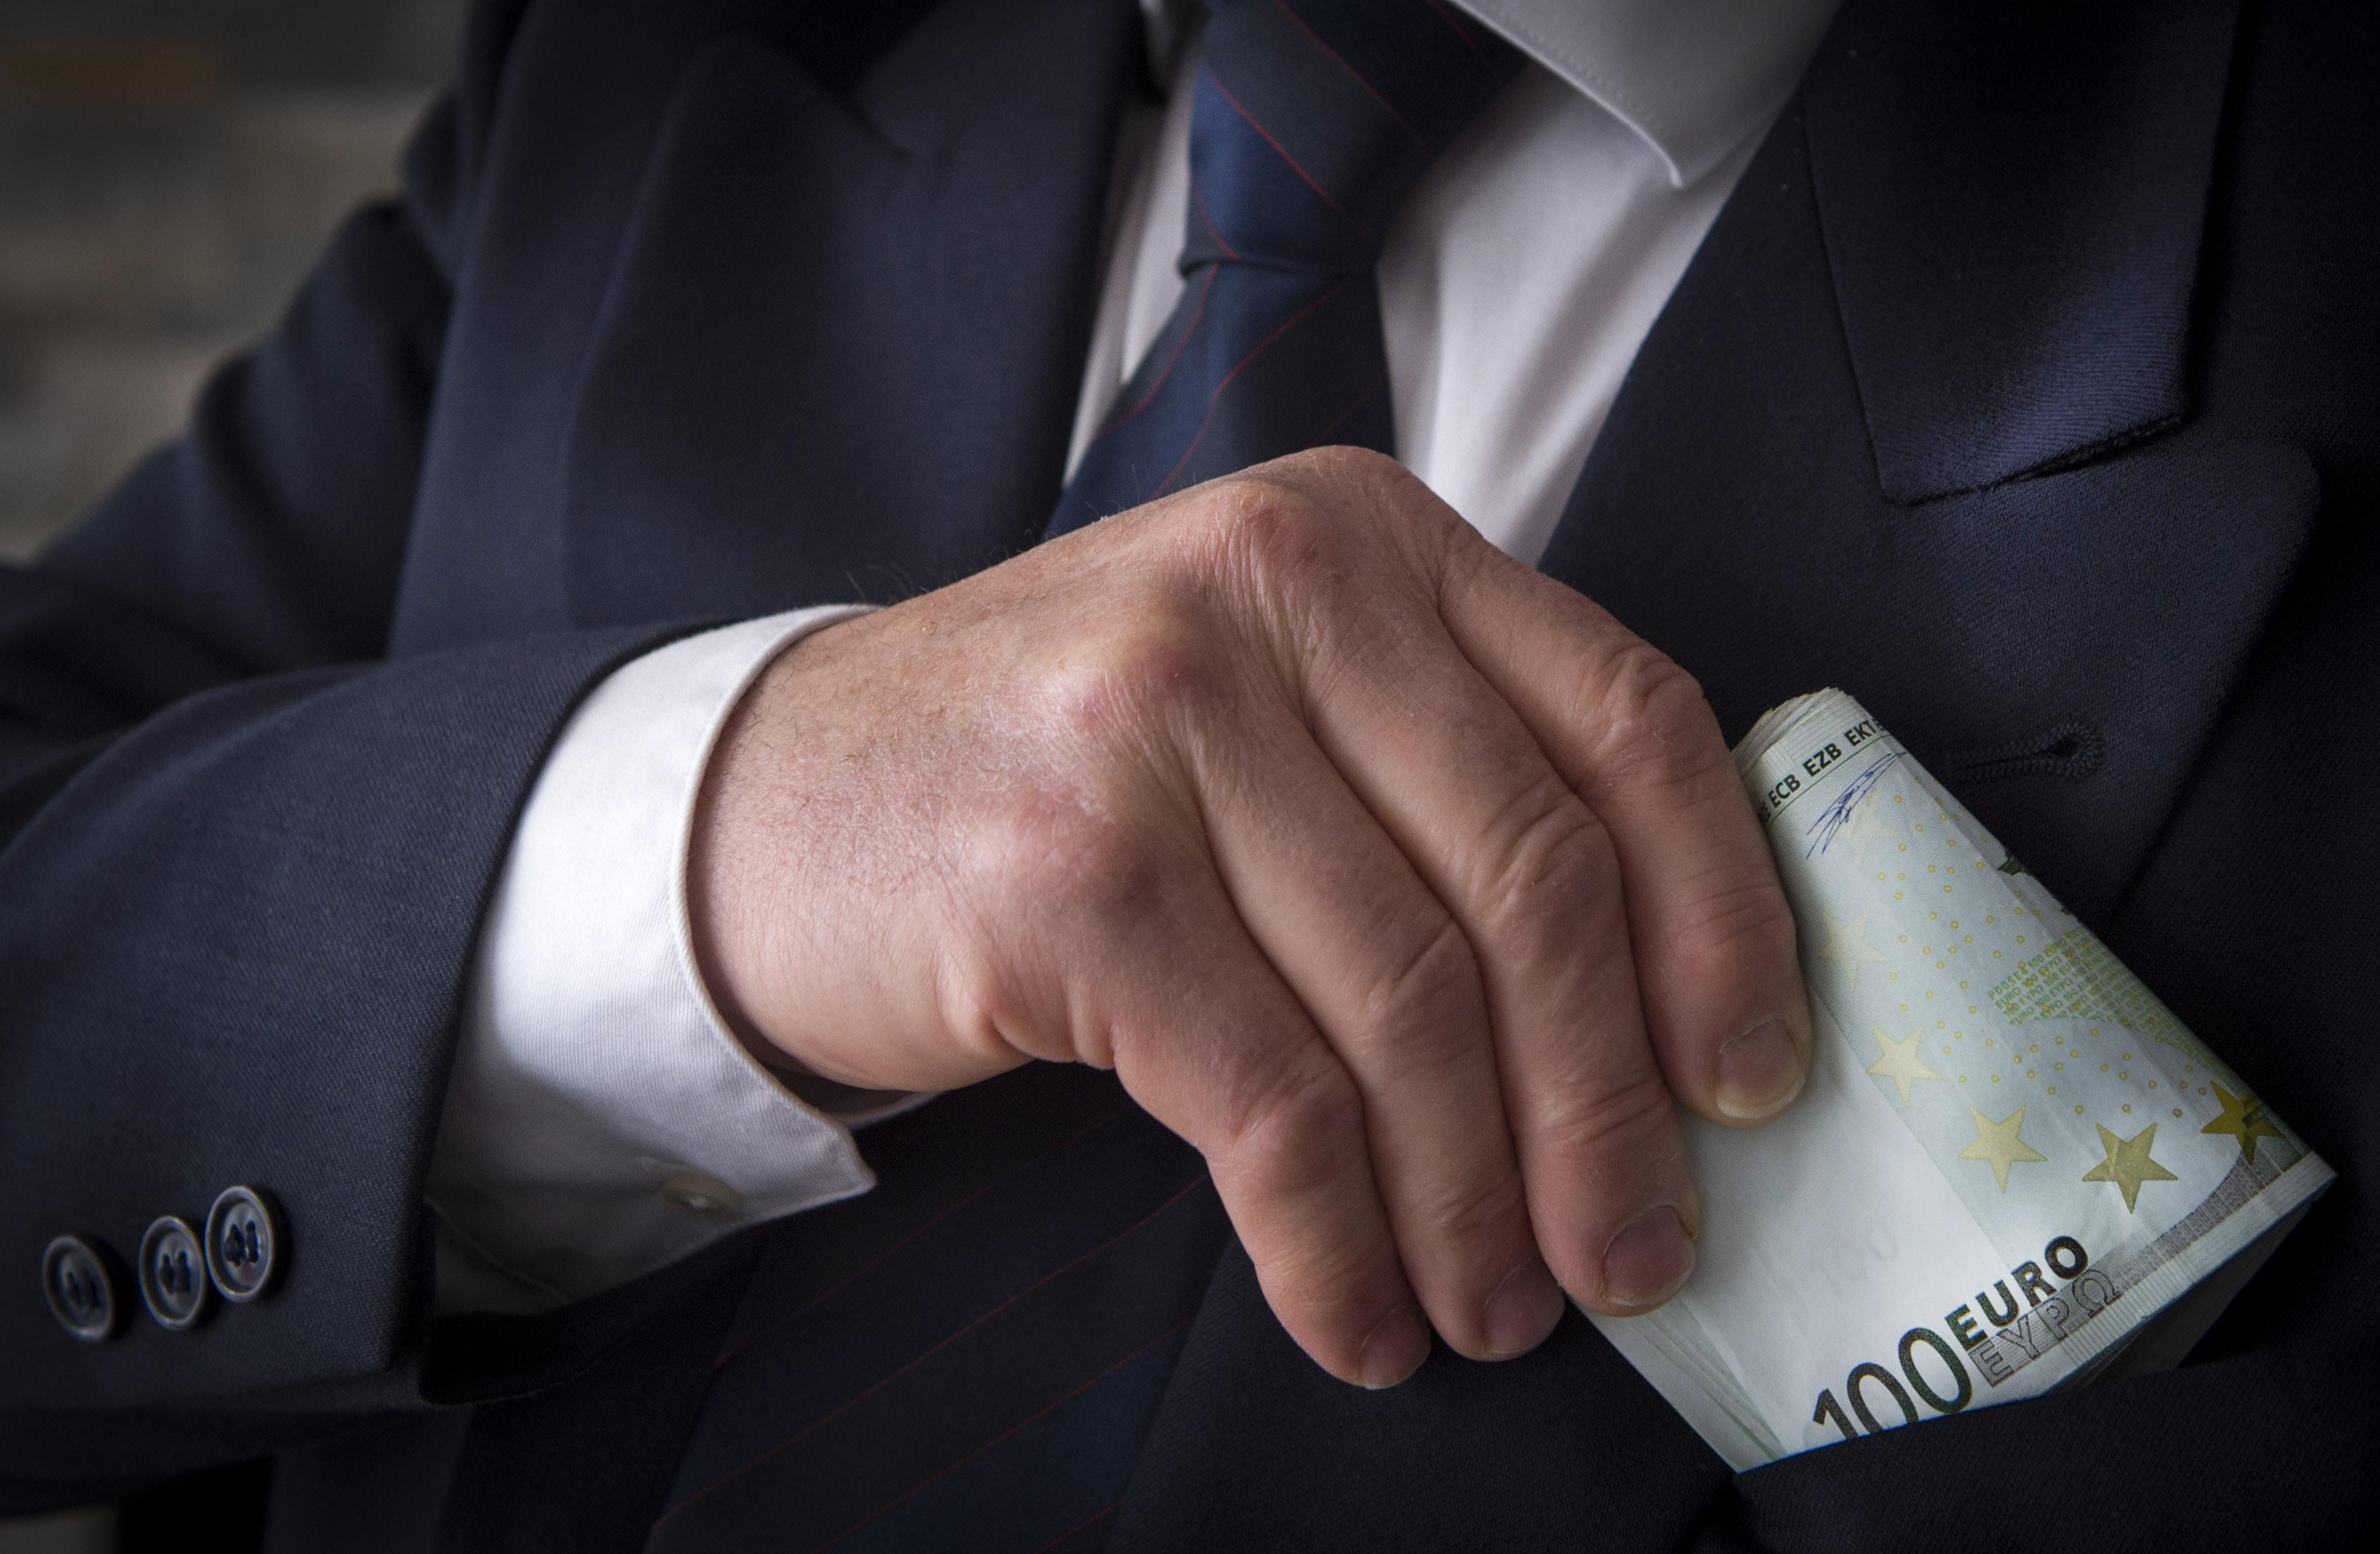 Aangifte Haarlems busbedrijf Jan de Wit tegen medewerker om smeergeld